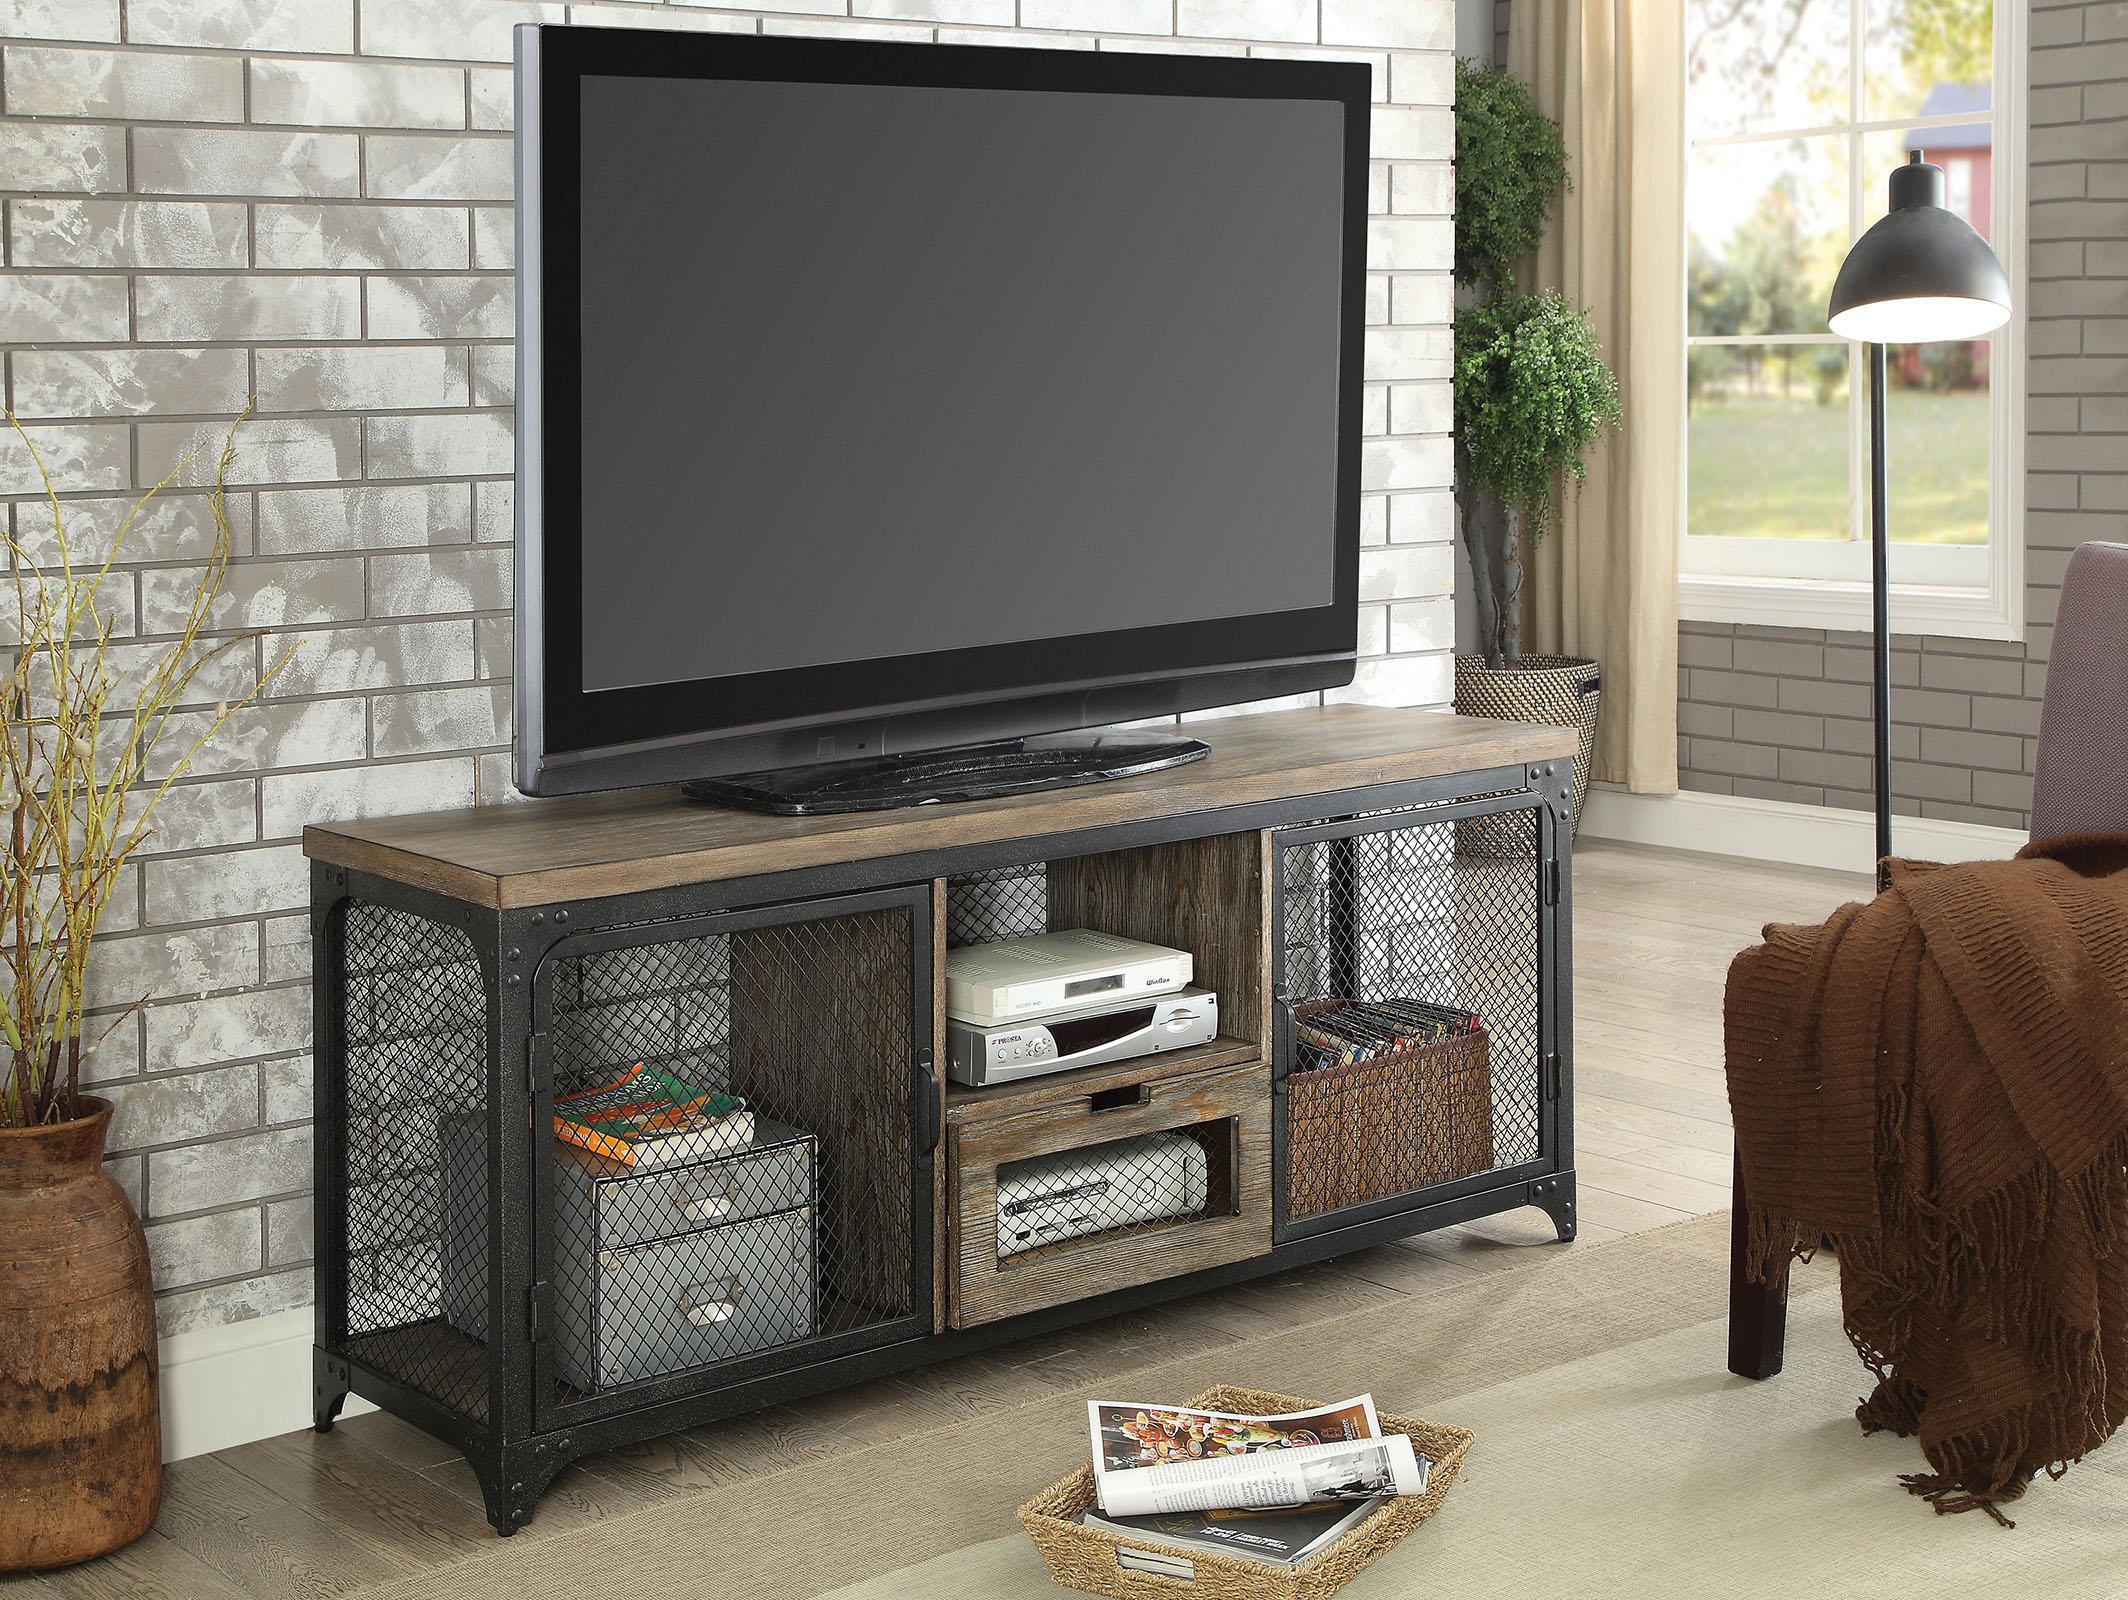 FACM5823-TV